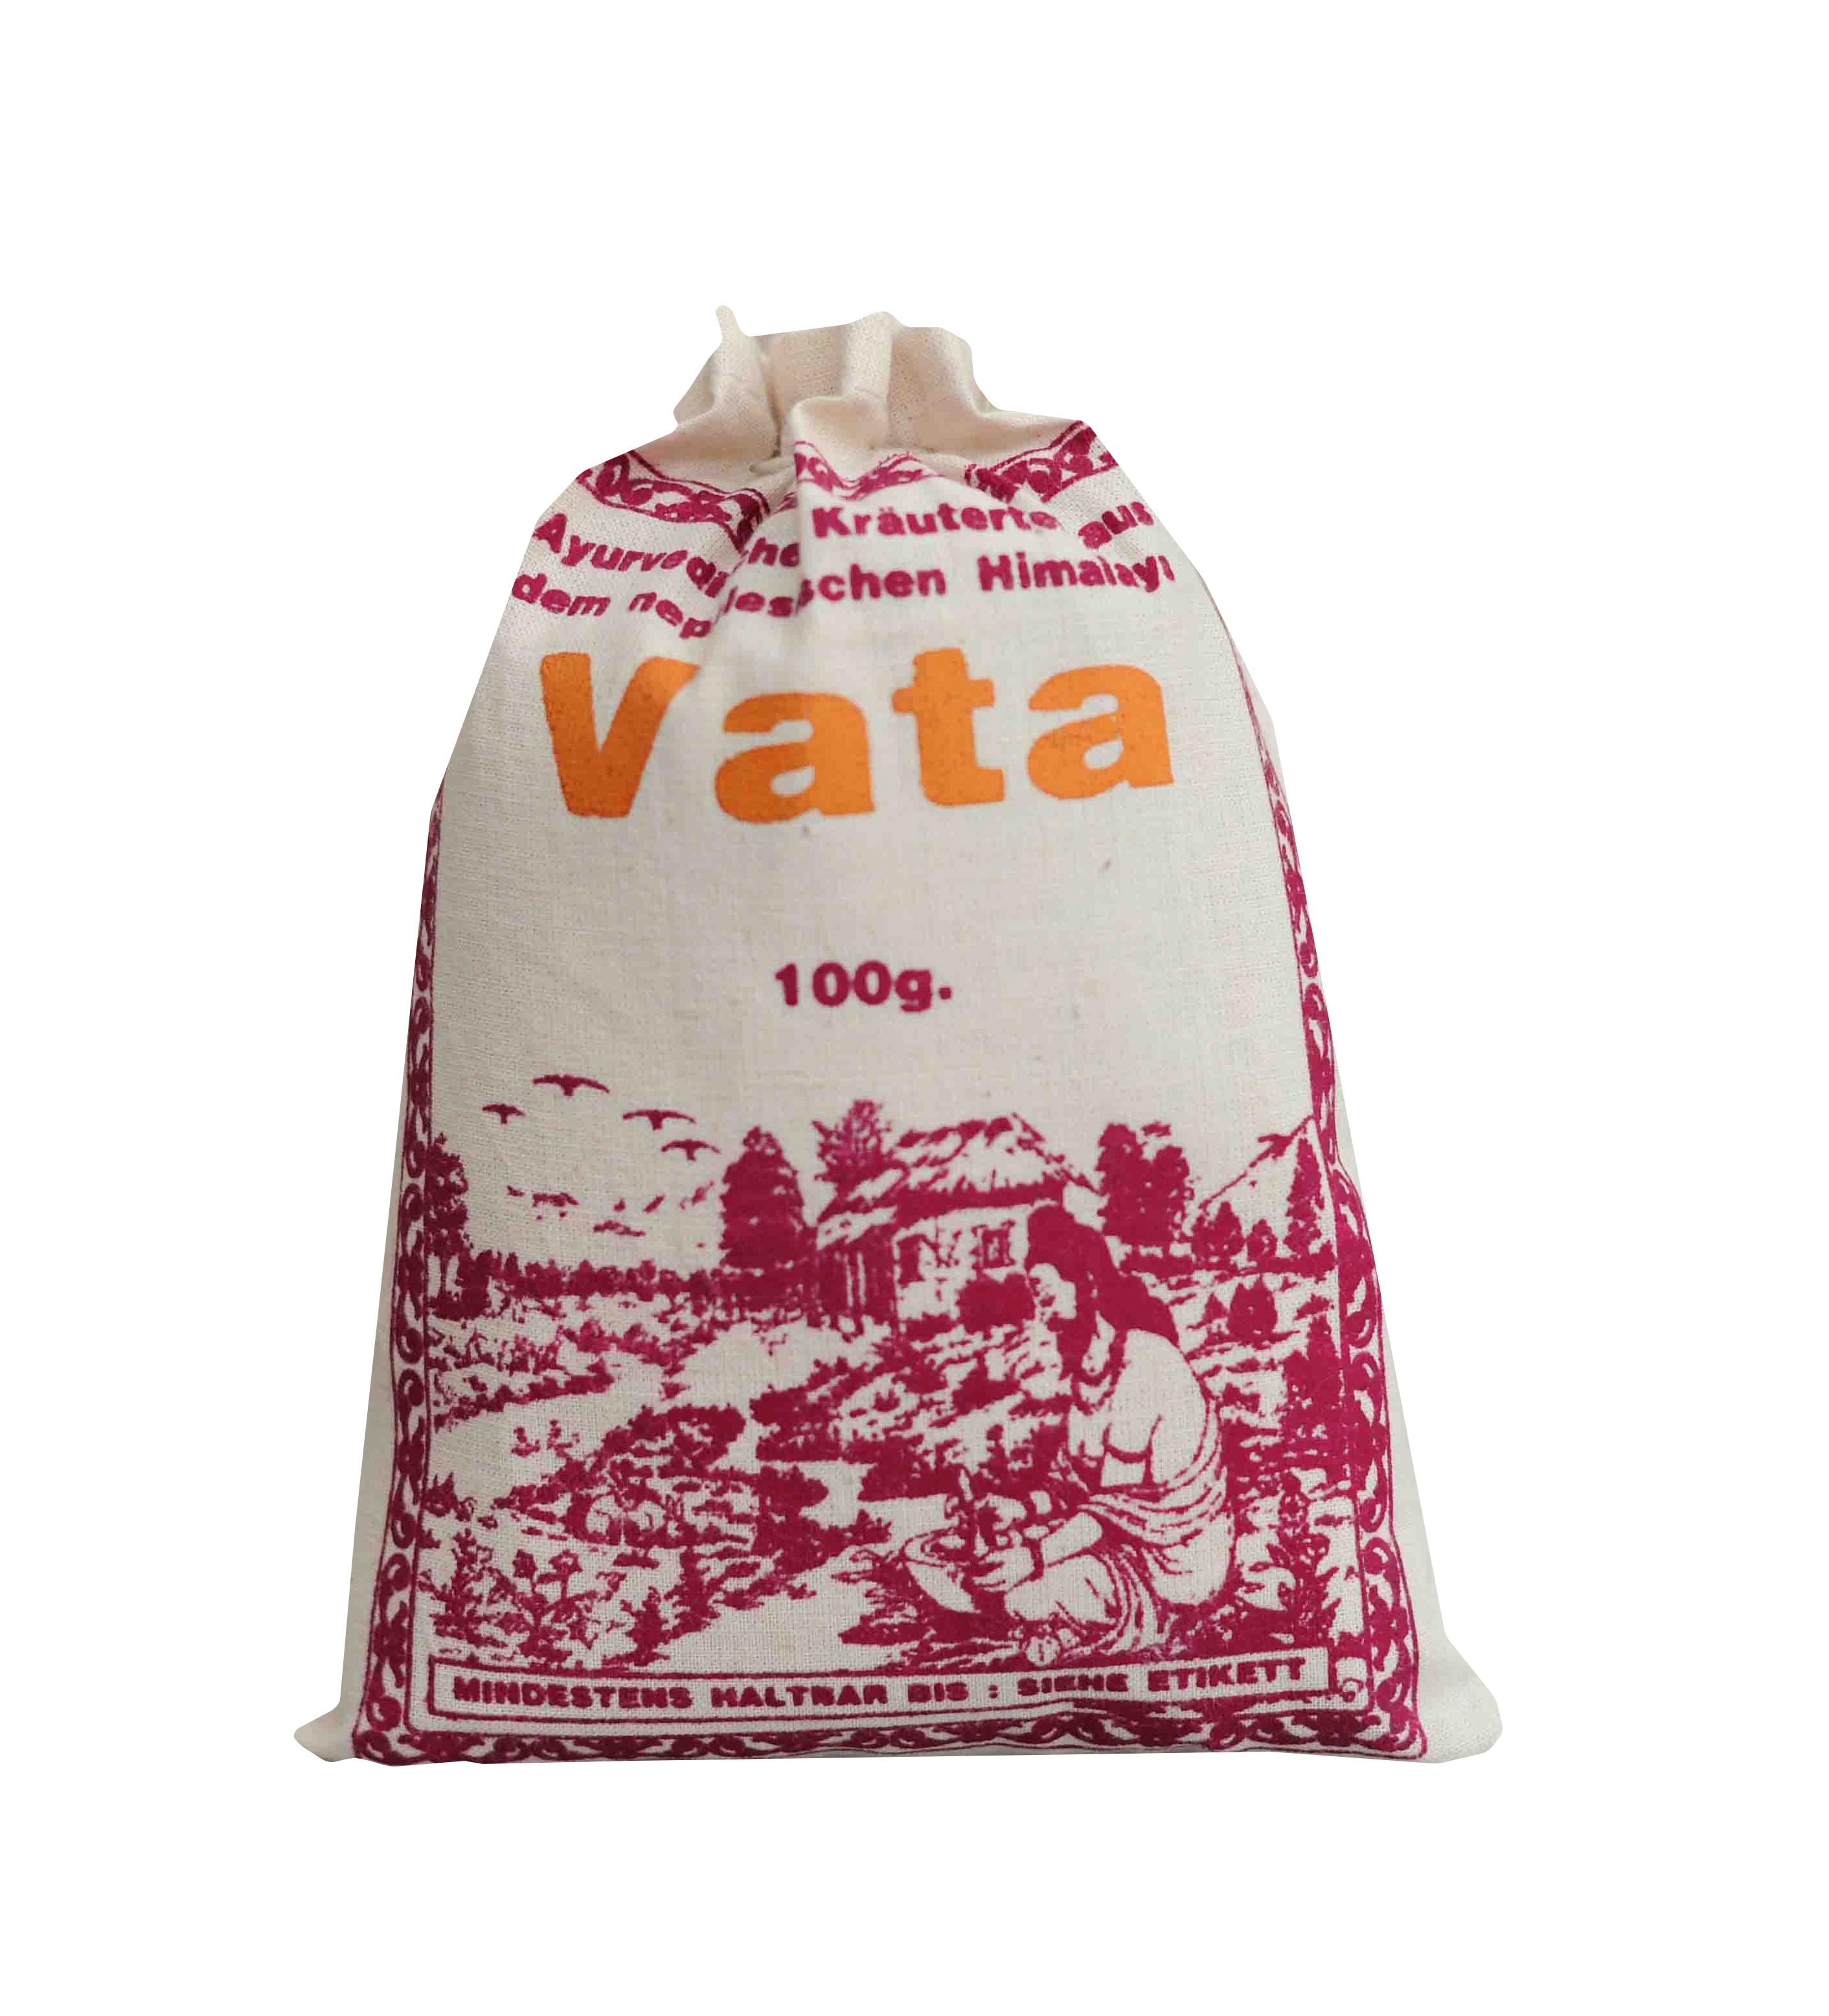 Té de Nepal - Ayurveda Vata-Té de la Mezcla De 100g